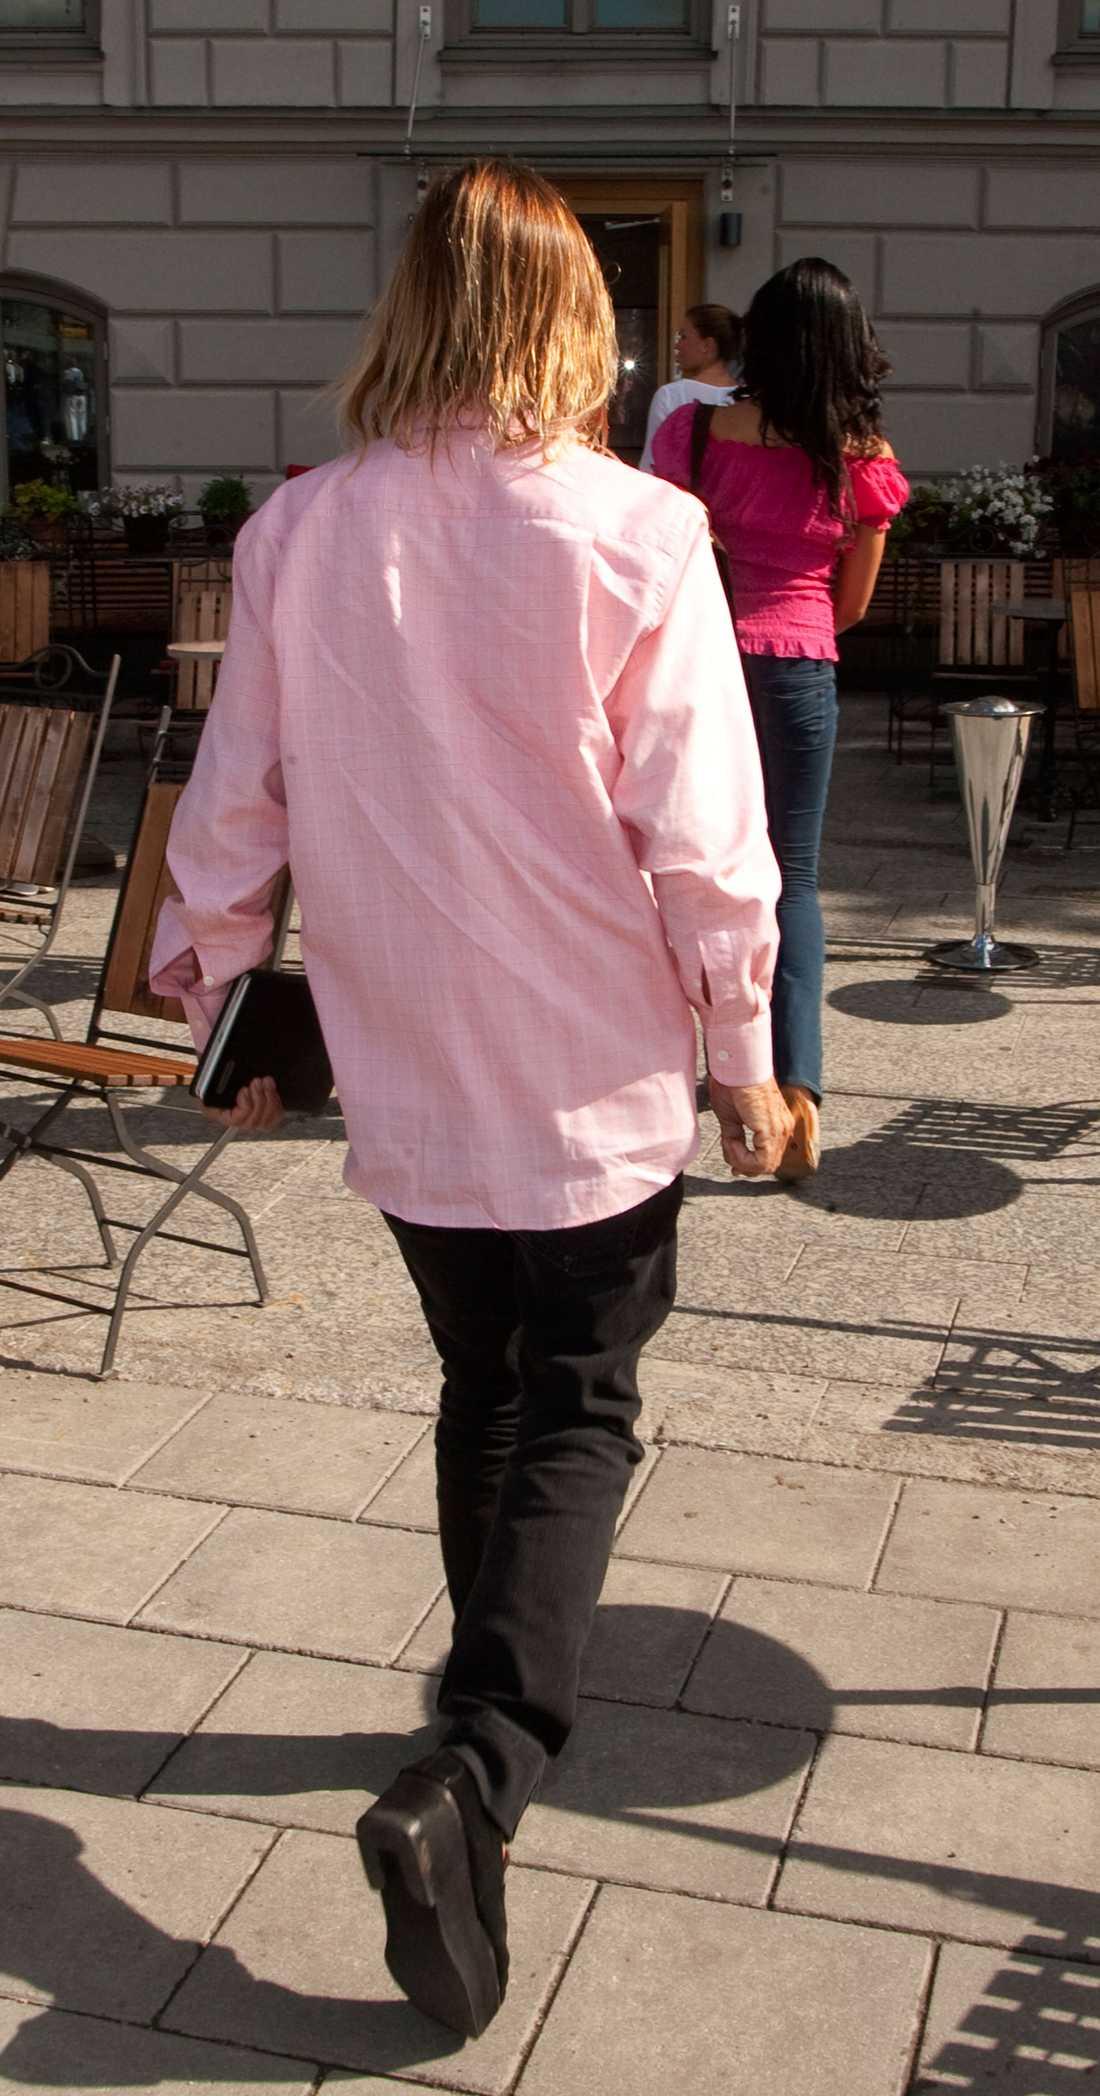 Iggy var klädd i rosa skjorta, svarta jeanas och på fötterna hade han påbyggda lofers.